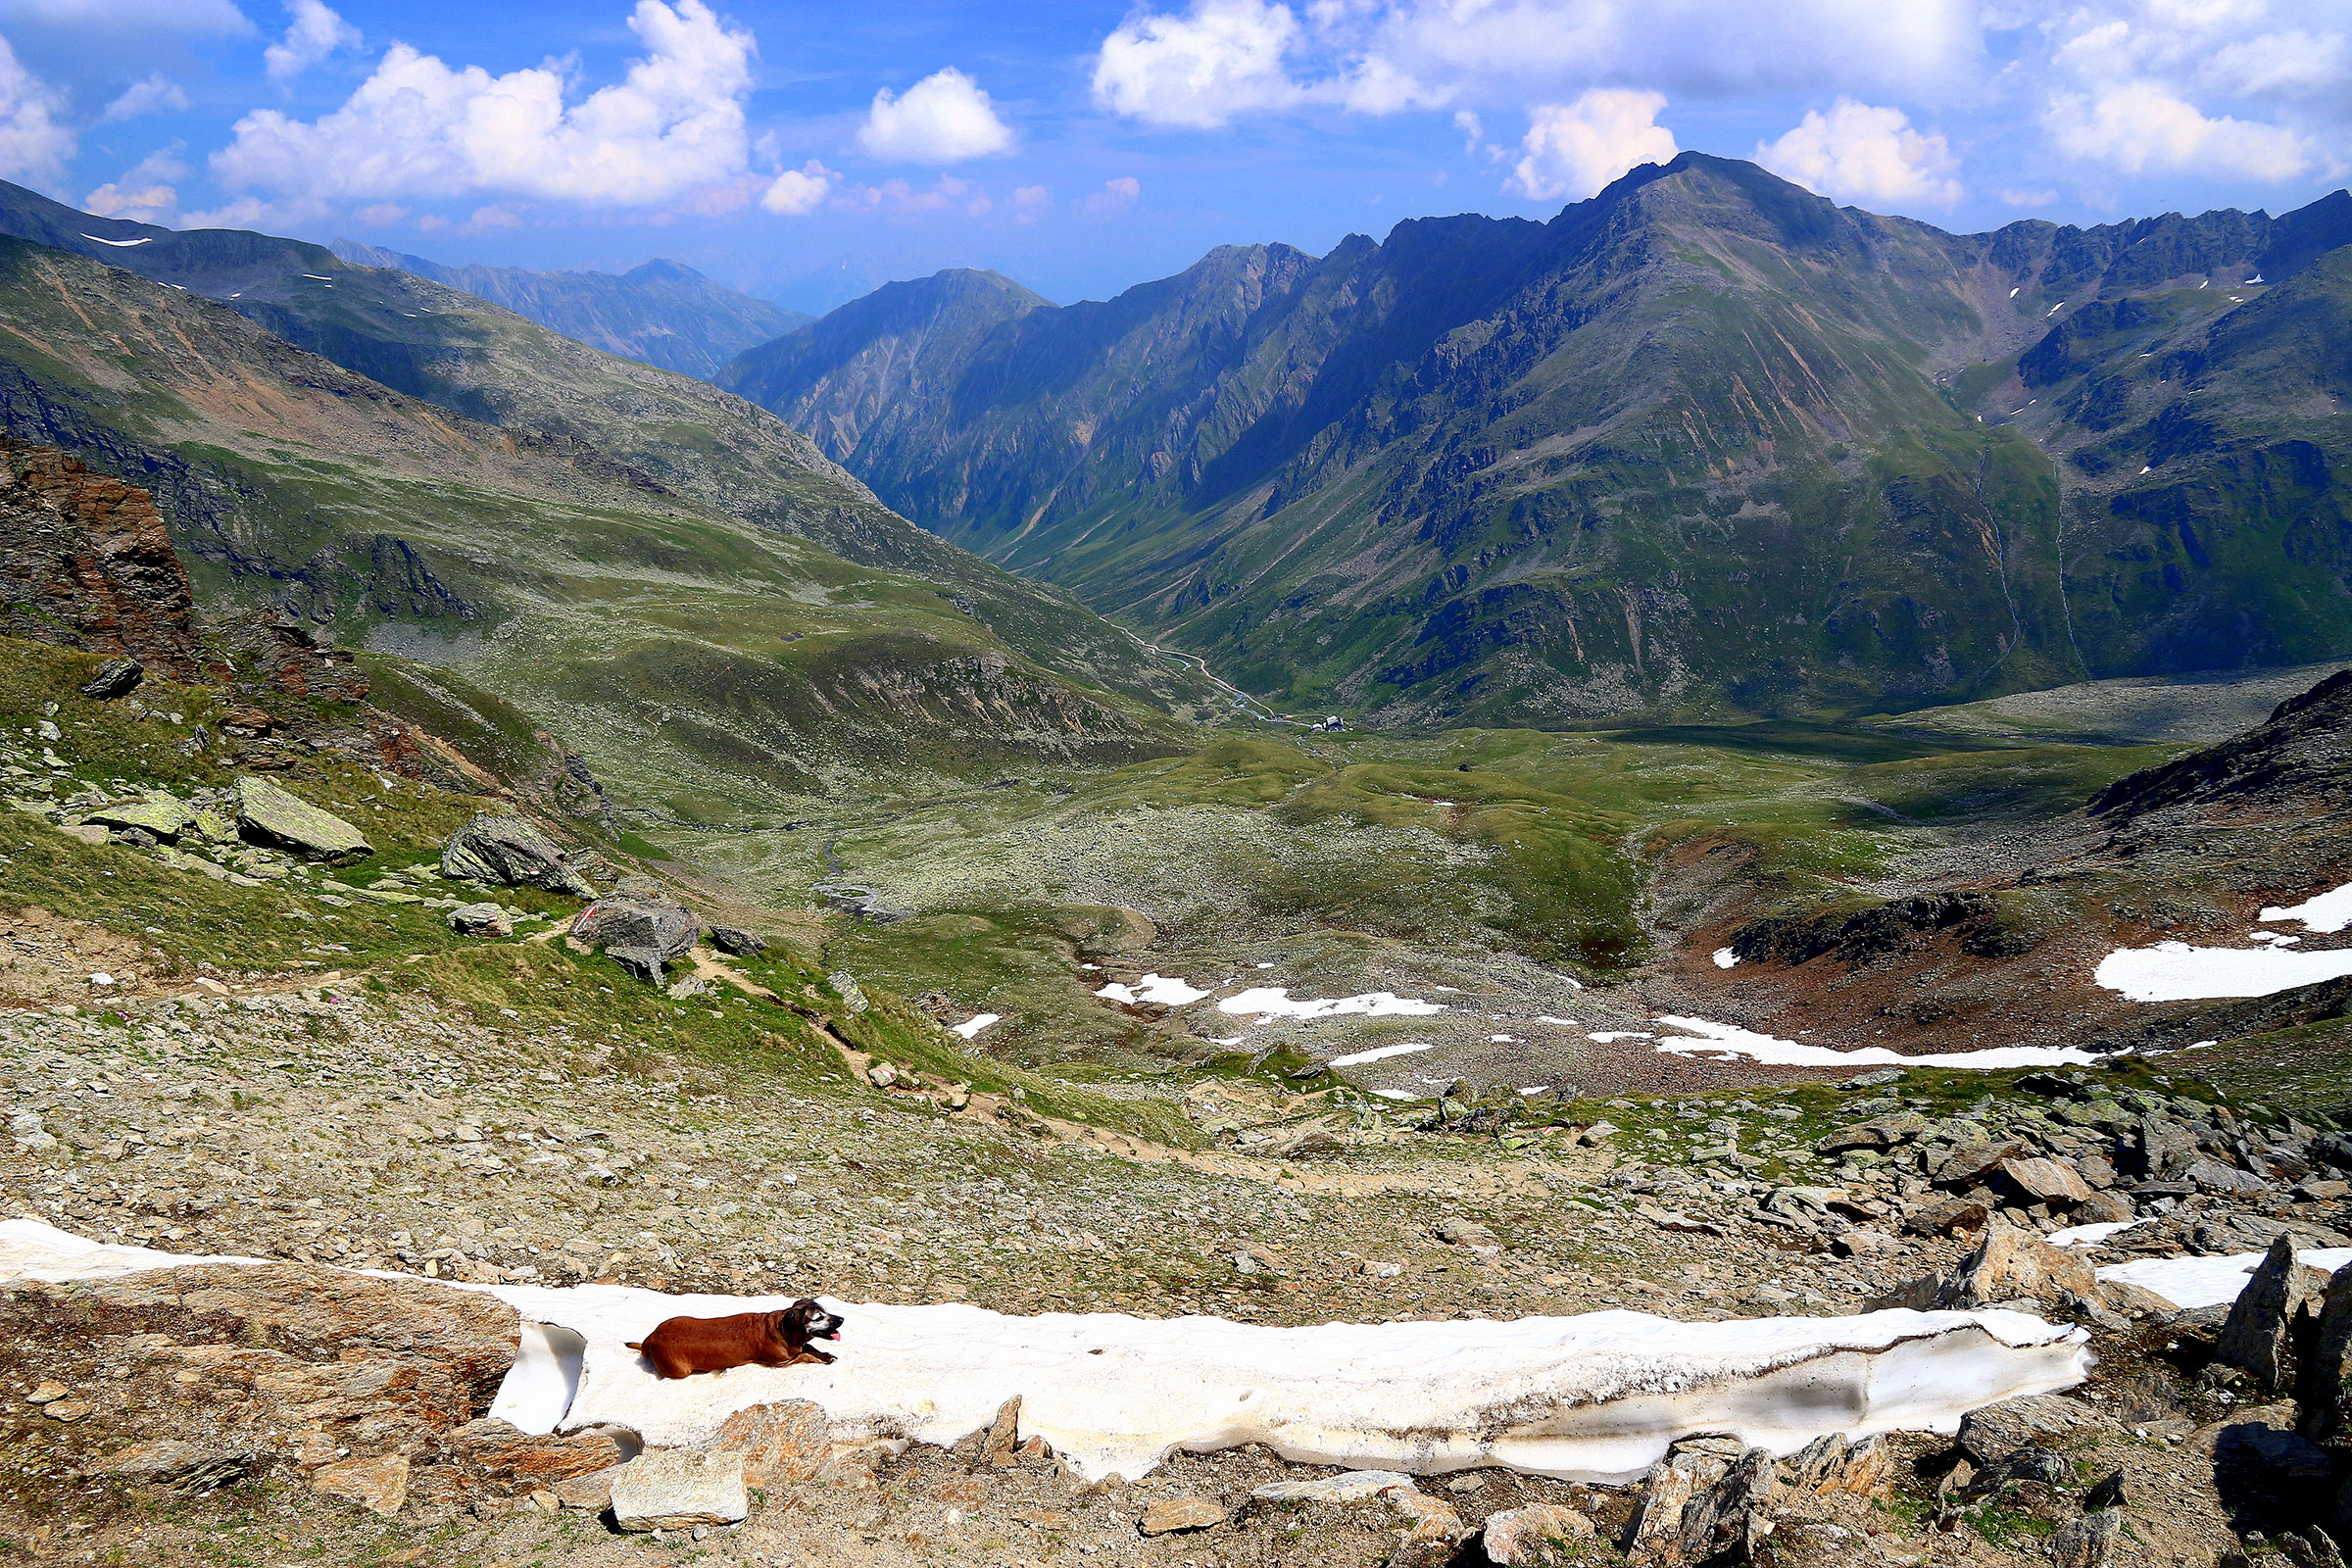 Blick vom Gleirschjöchl ins Gleirschtal - Vom Ötztal ins Sellraintal